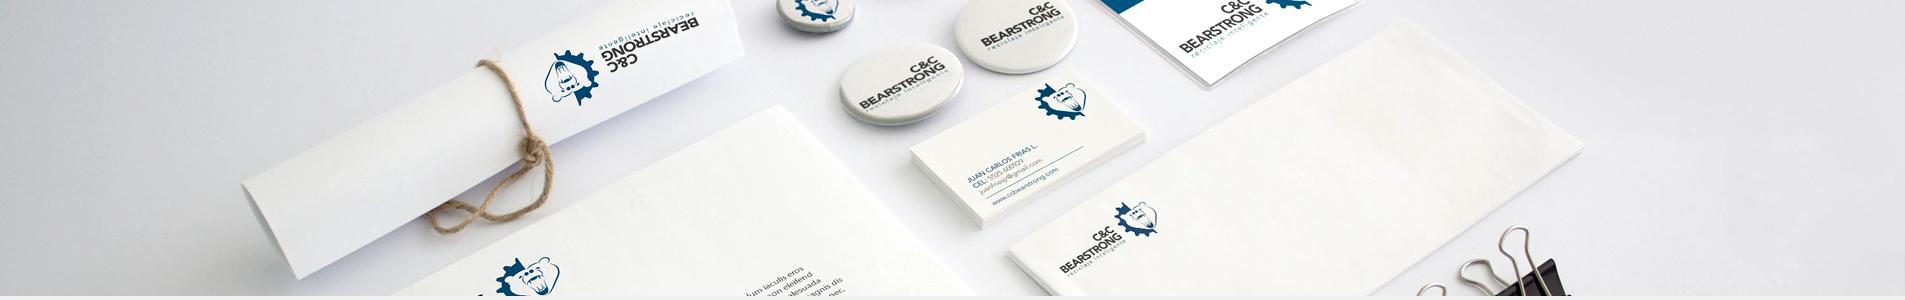 Diseño de Logos y Papelería Corporativa